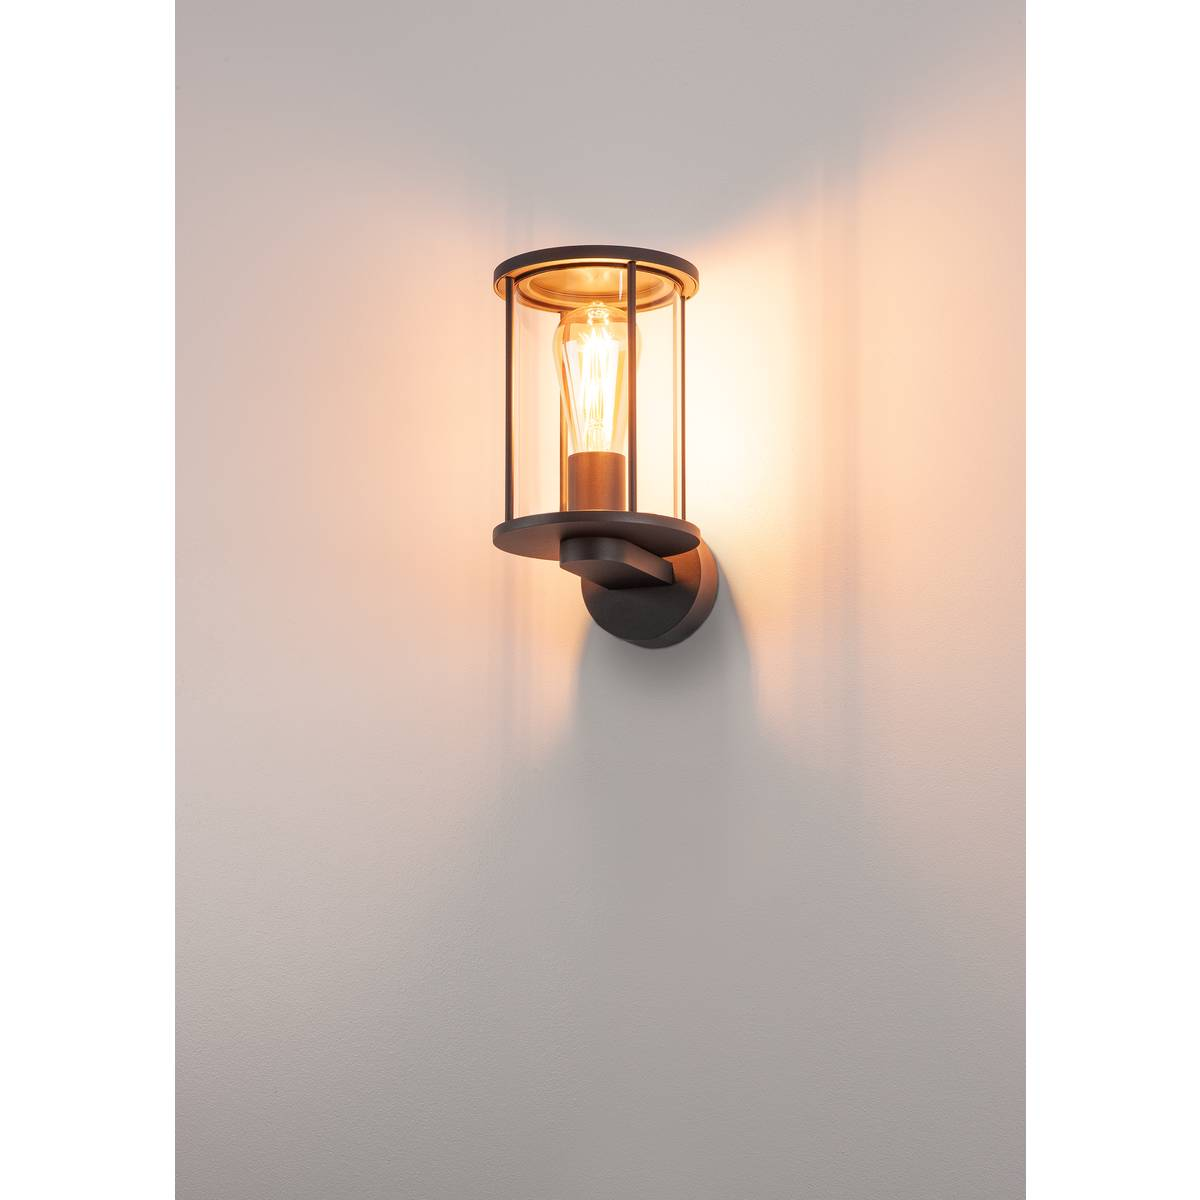 anthrazit SLV PHOTONIA Wandleuchte rund klares Glas Lampe Licht Garten Außen